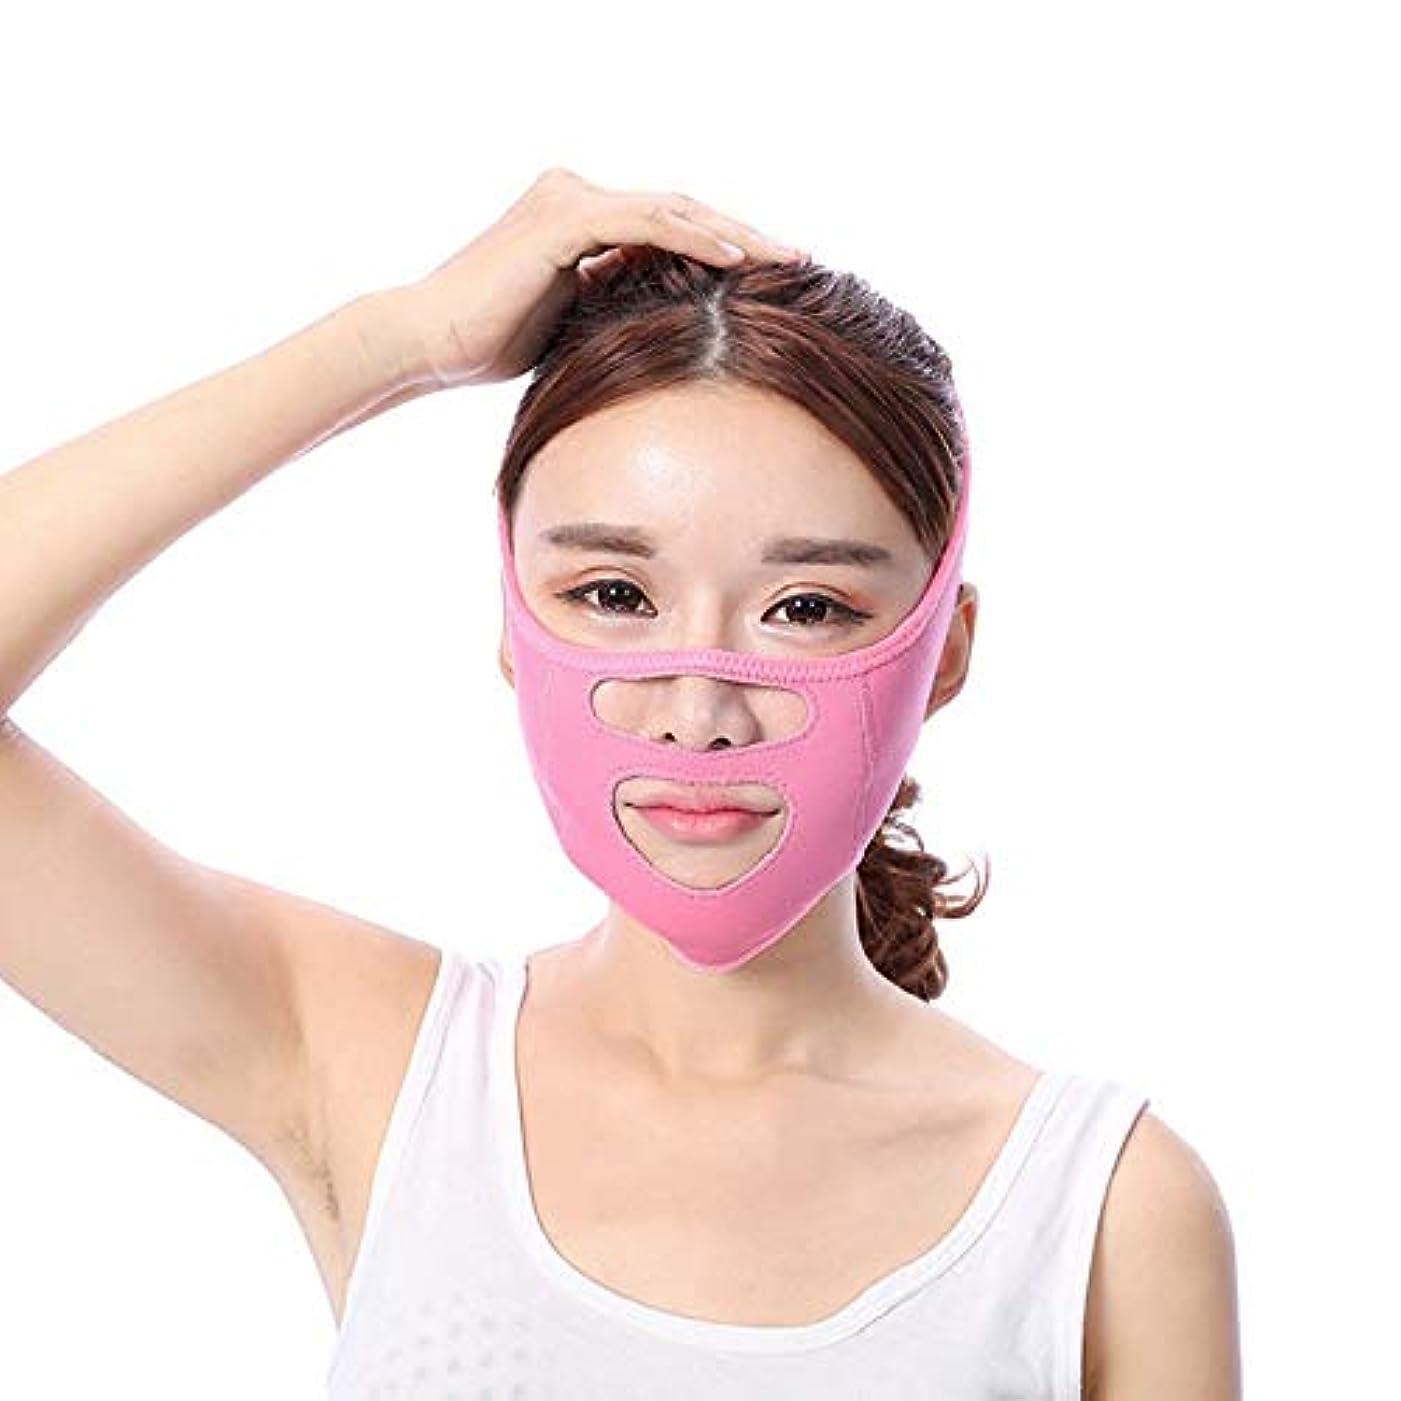 結果ブロッサムはっきりと顔の持ち上がる痩身ベルト - あなたの顔のための素晴らしいトレーニング二重あごのワークアウトフェイスマスクベルト薄い顔包帯整形マスクは顔と首を締めますフェイススリム